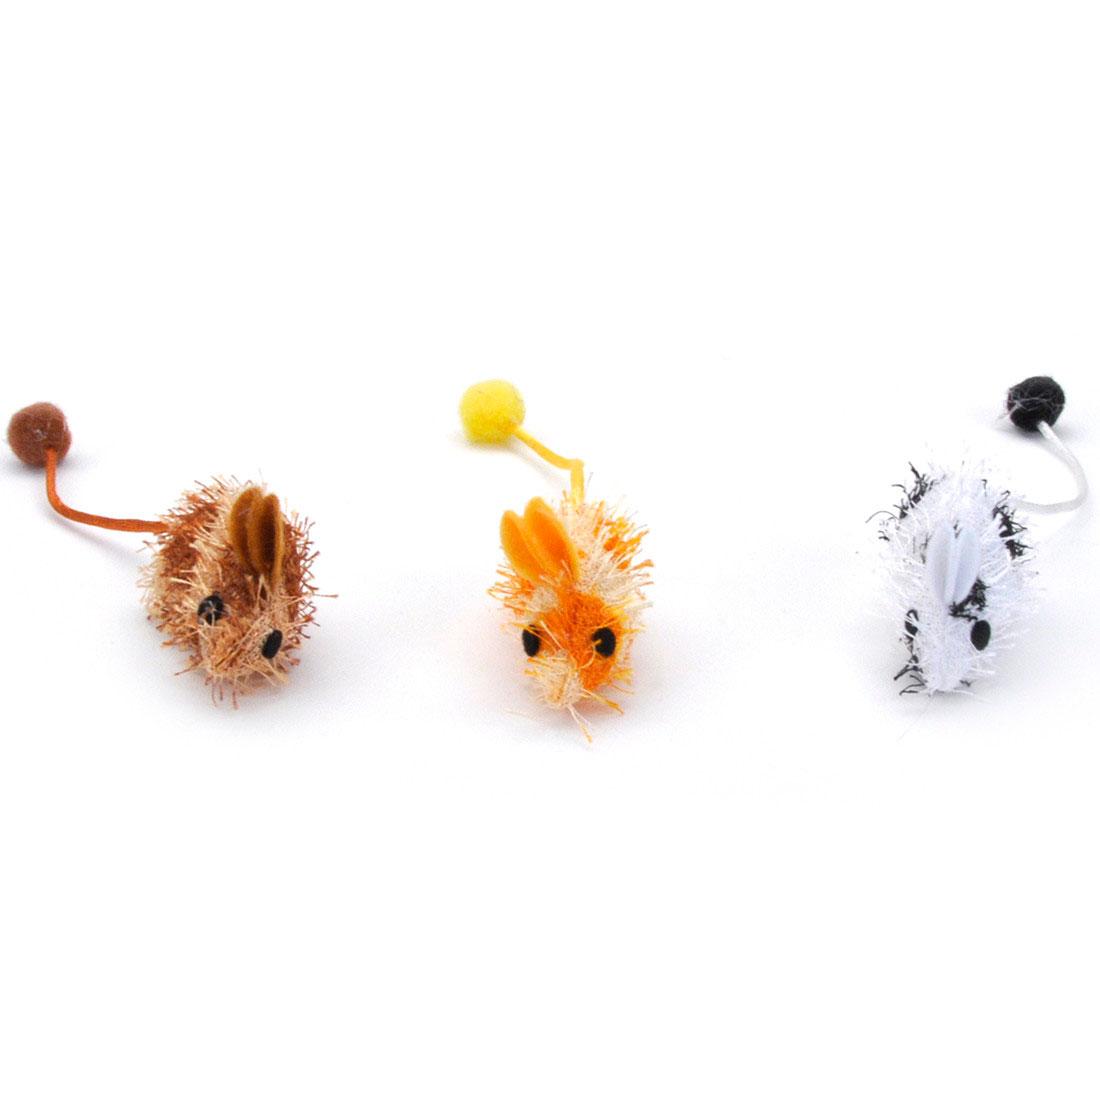 Coastal Pet Products 80522 NCLCAT